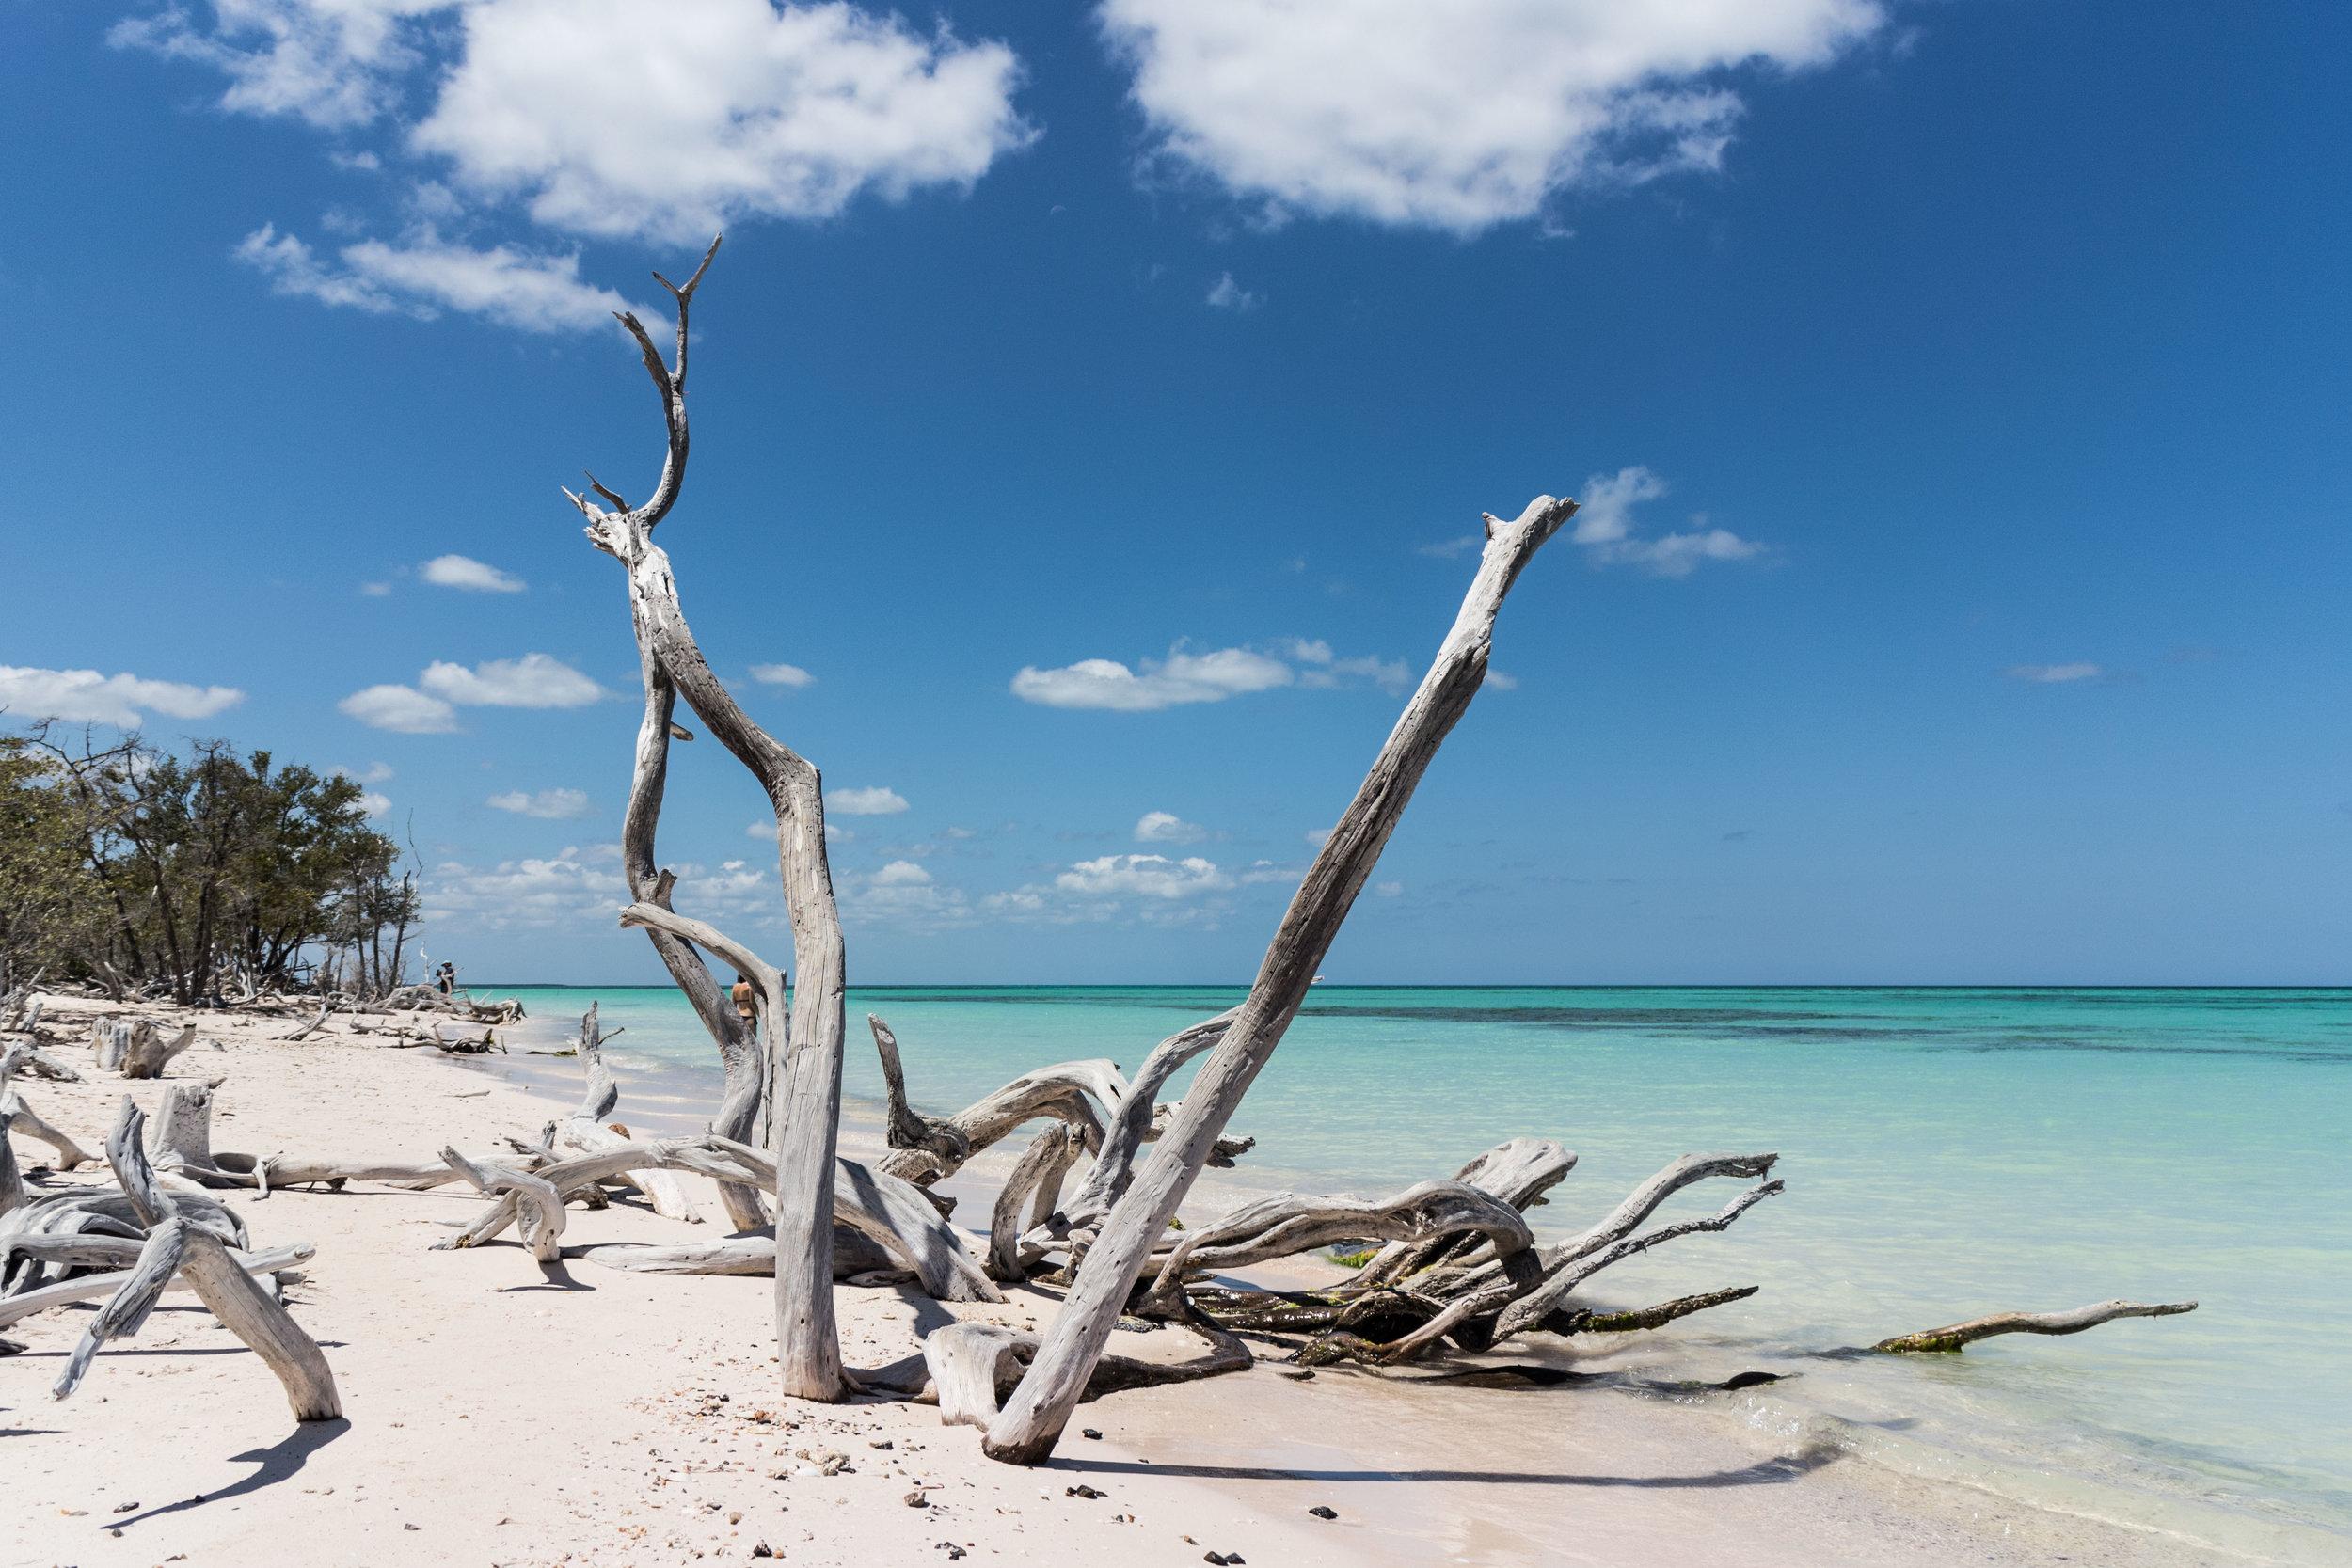 Cayo Jutias beach in Pinar del Rio